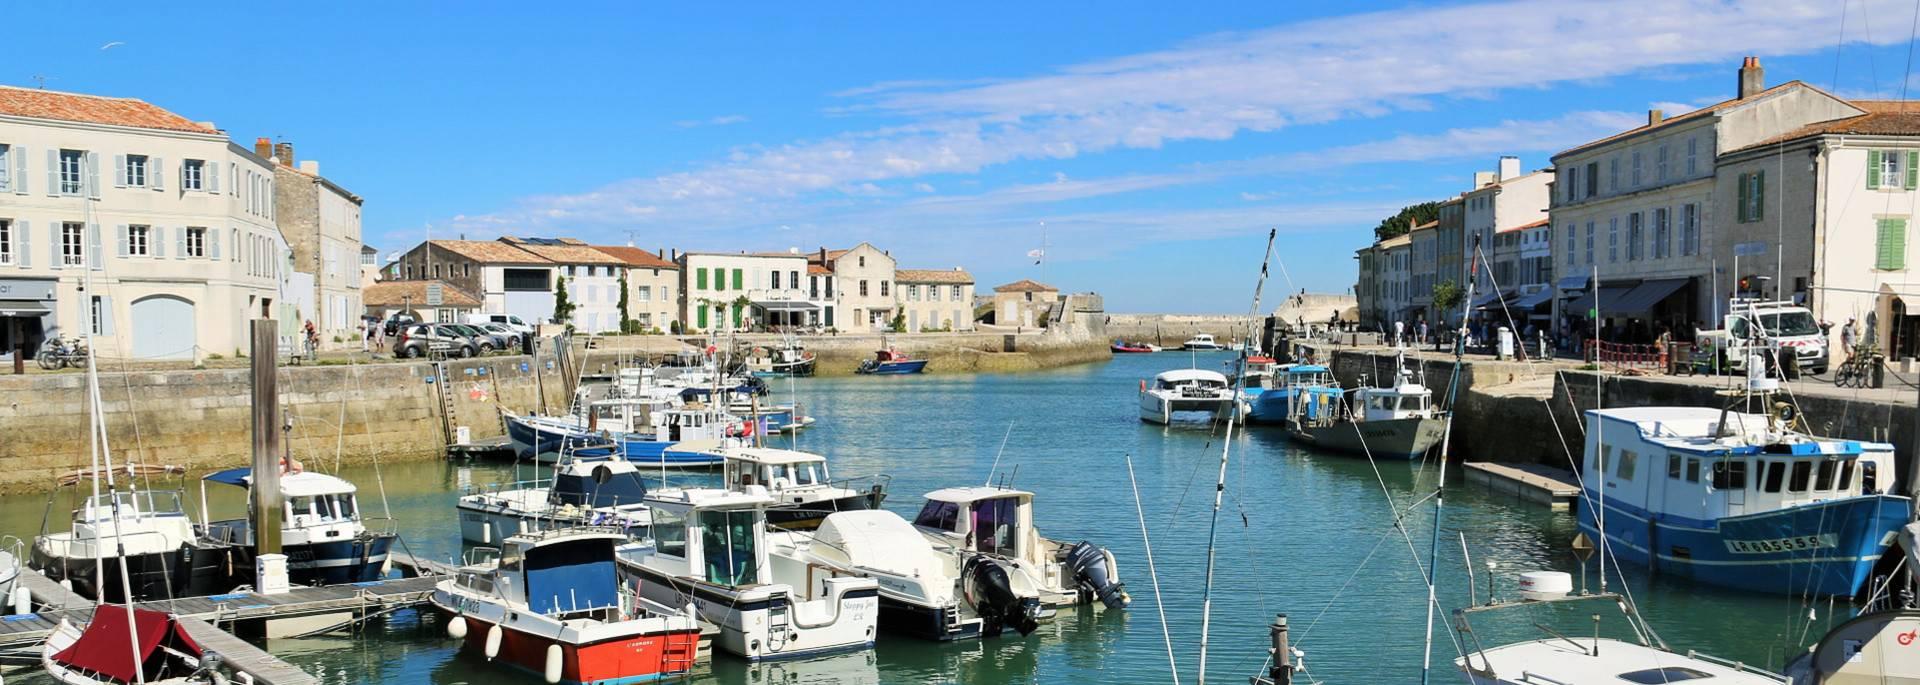 Port de Saint Martin de Ré by Lesley Williamson